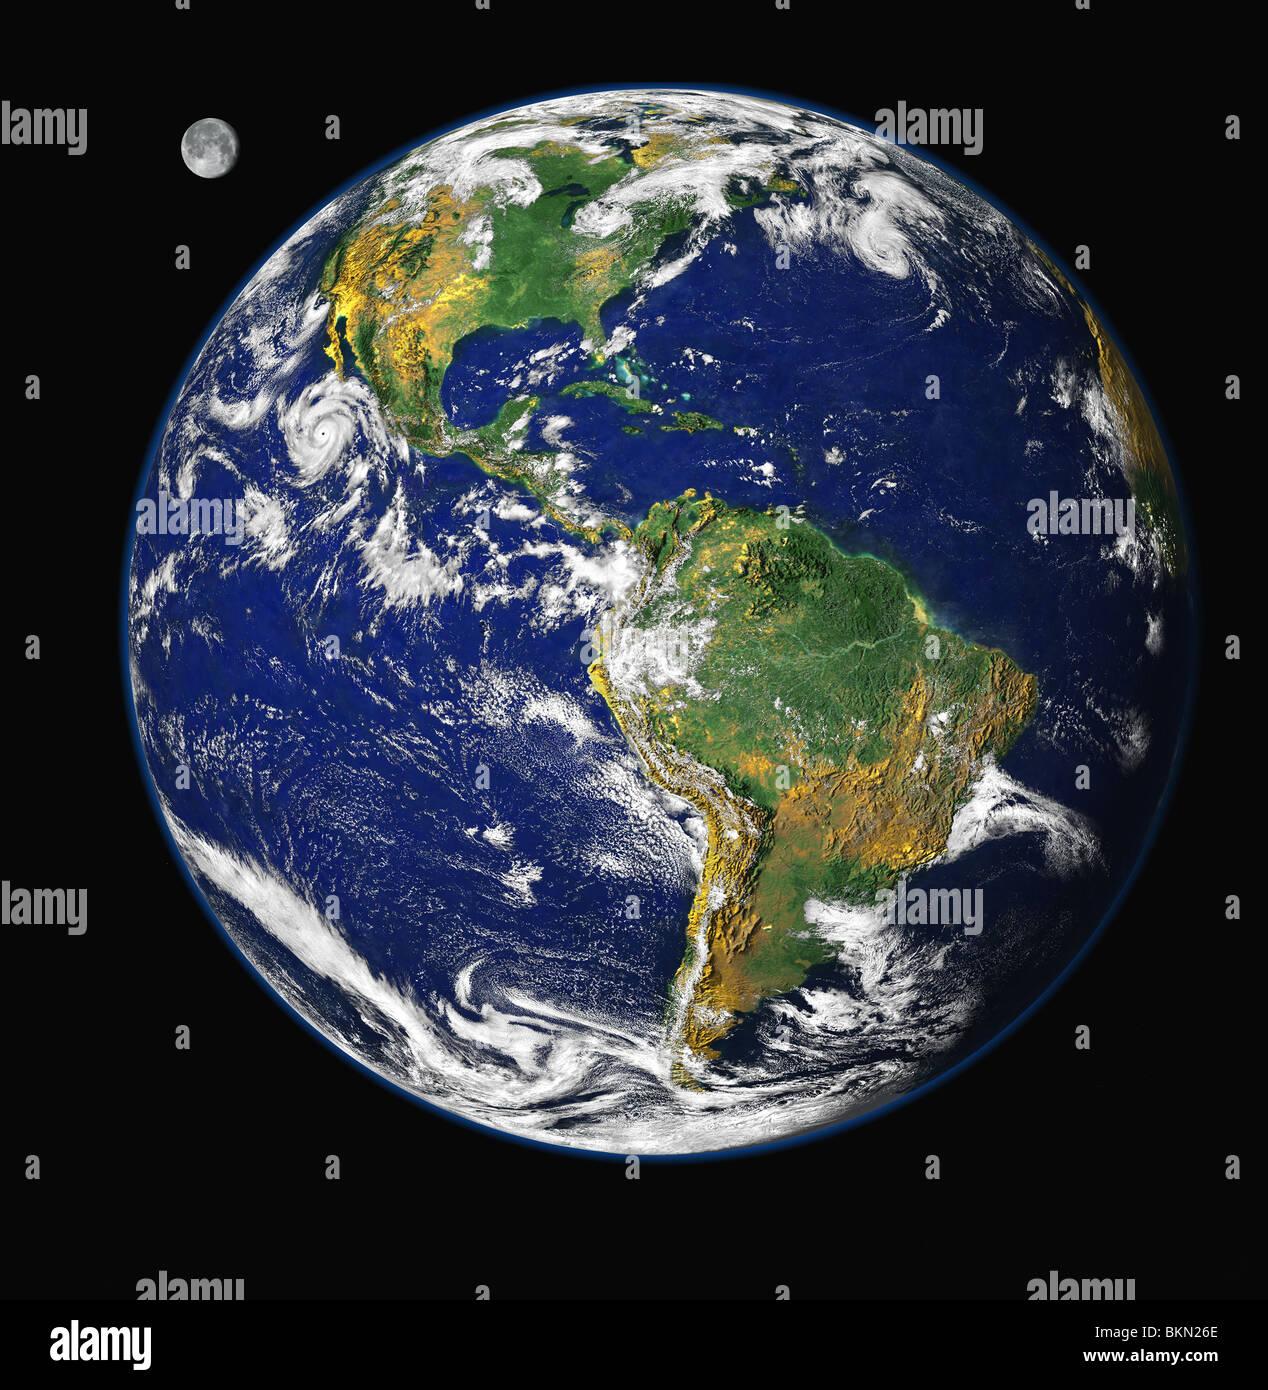 La tierra y la Luna vistas desde el espacio, con Norteamérica y Sudamérica visible Imagen De Stock